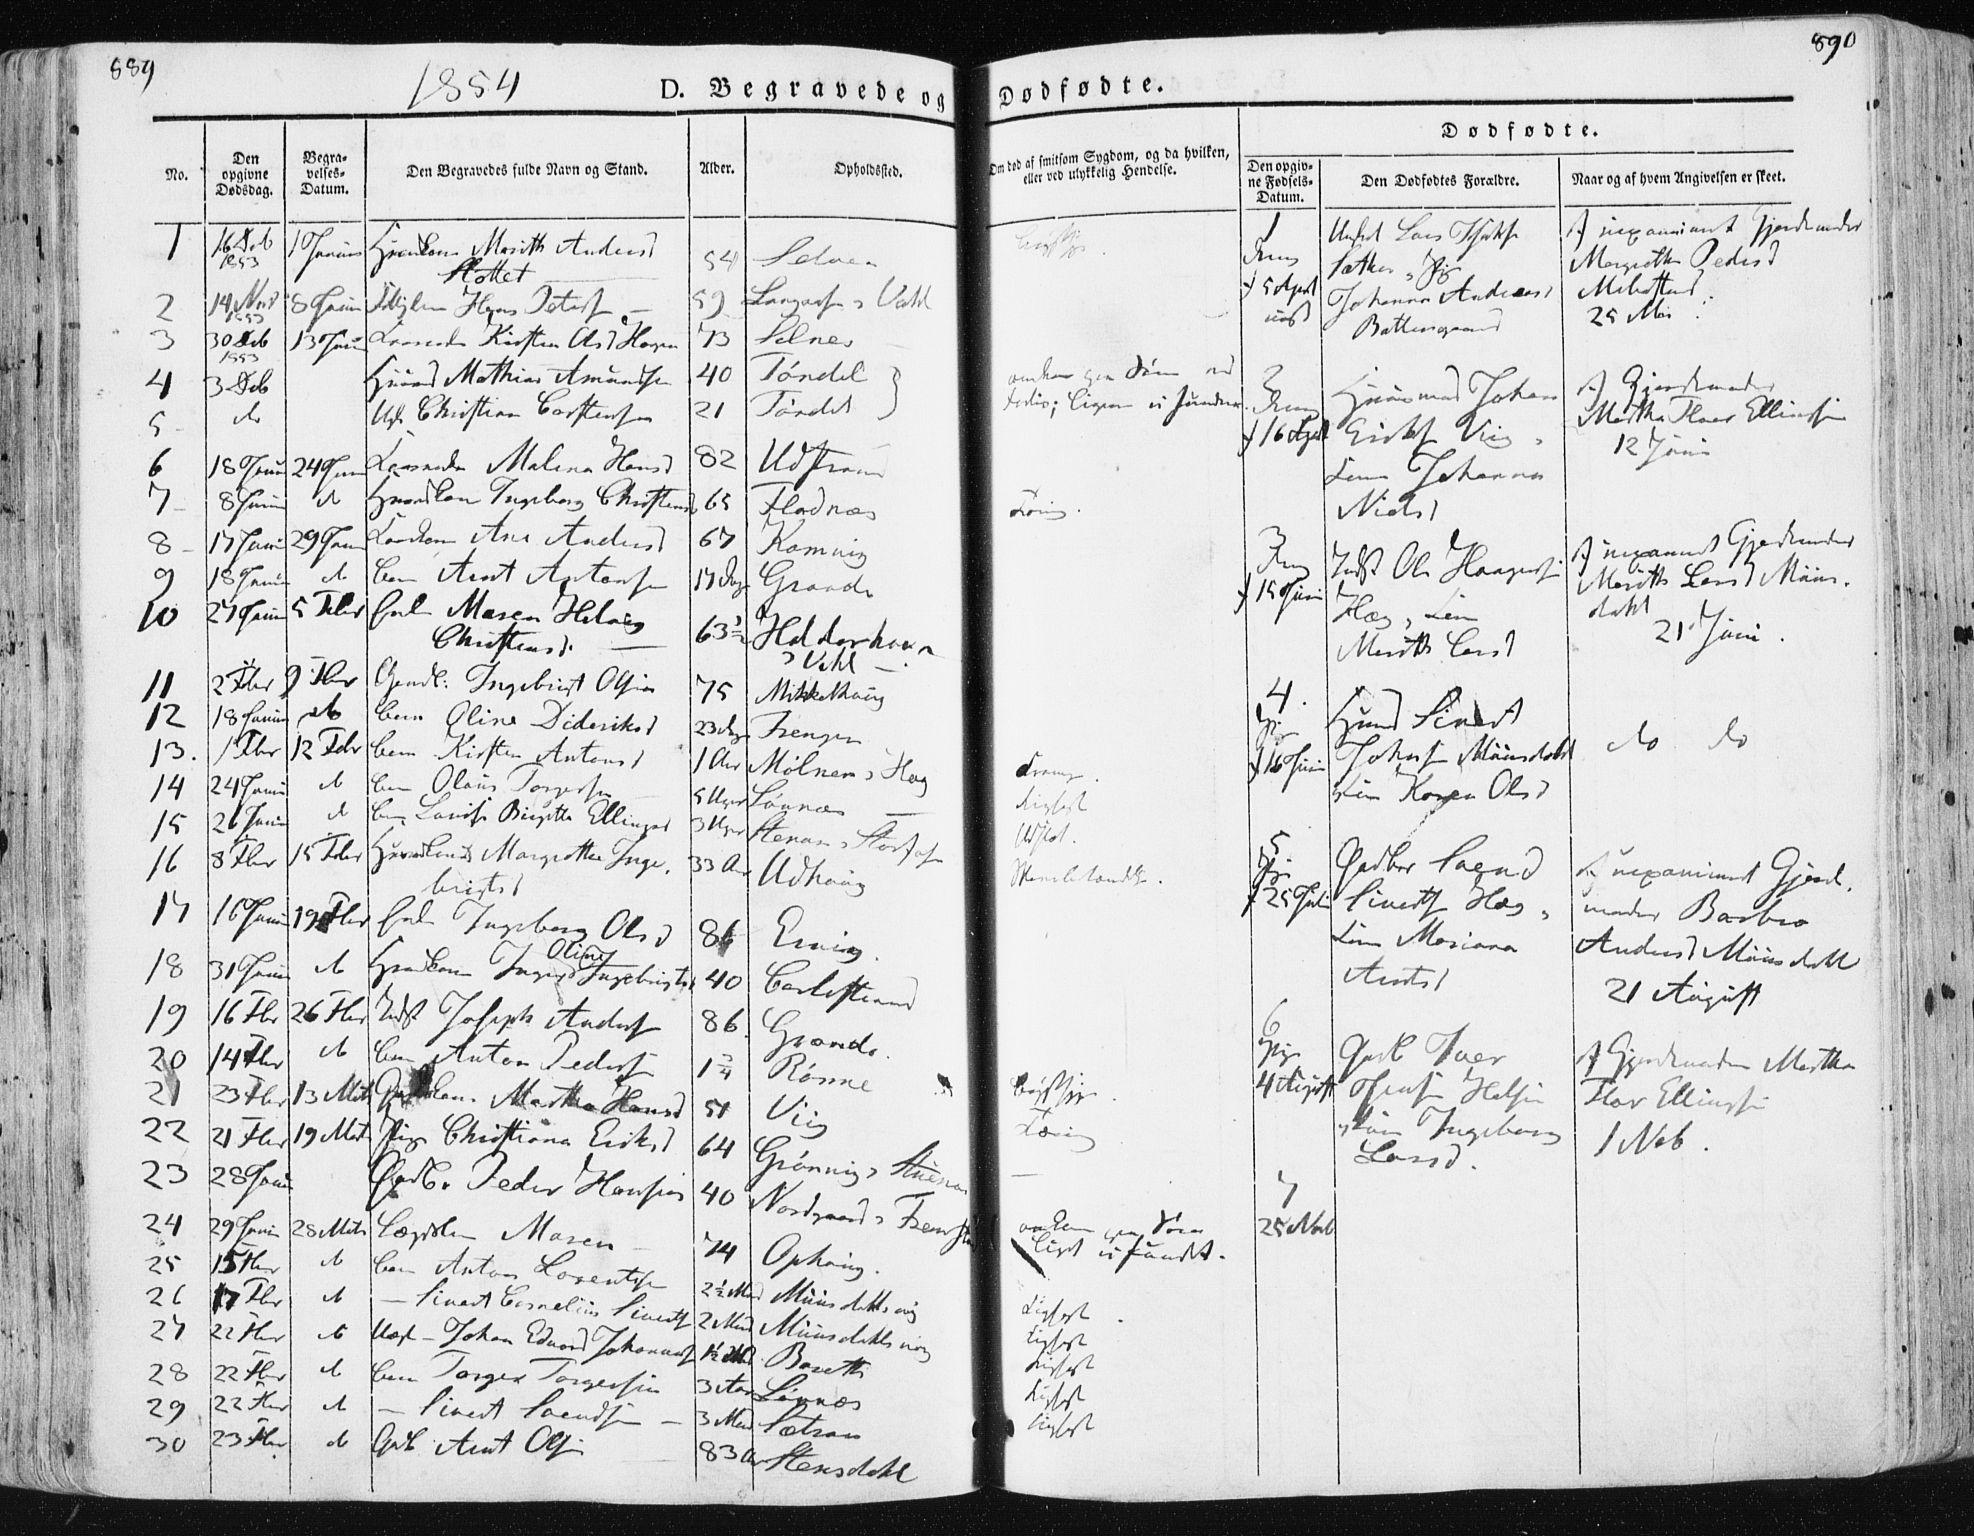 SAT, Ministerialprotokoller, klokkerbøker og fødselsregistre - Sør-Trøndelag, 659/L0736: Ministerialbok nr. 659A06, 1842-1856, s. 889-890